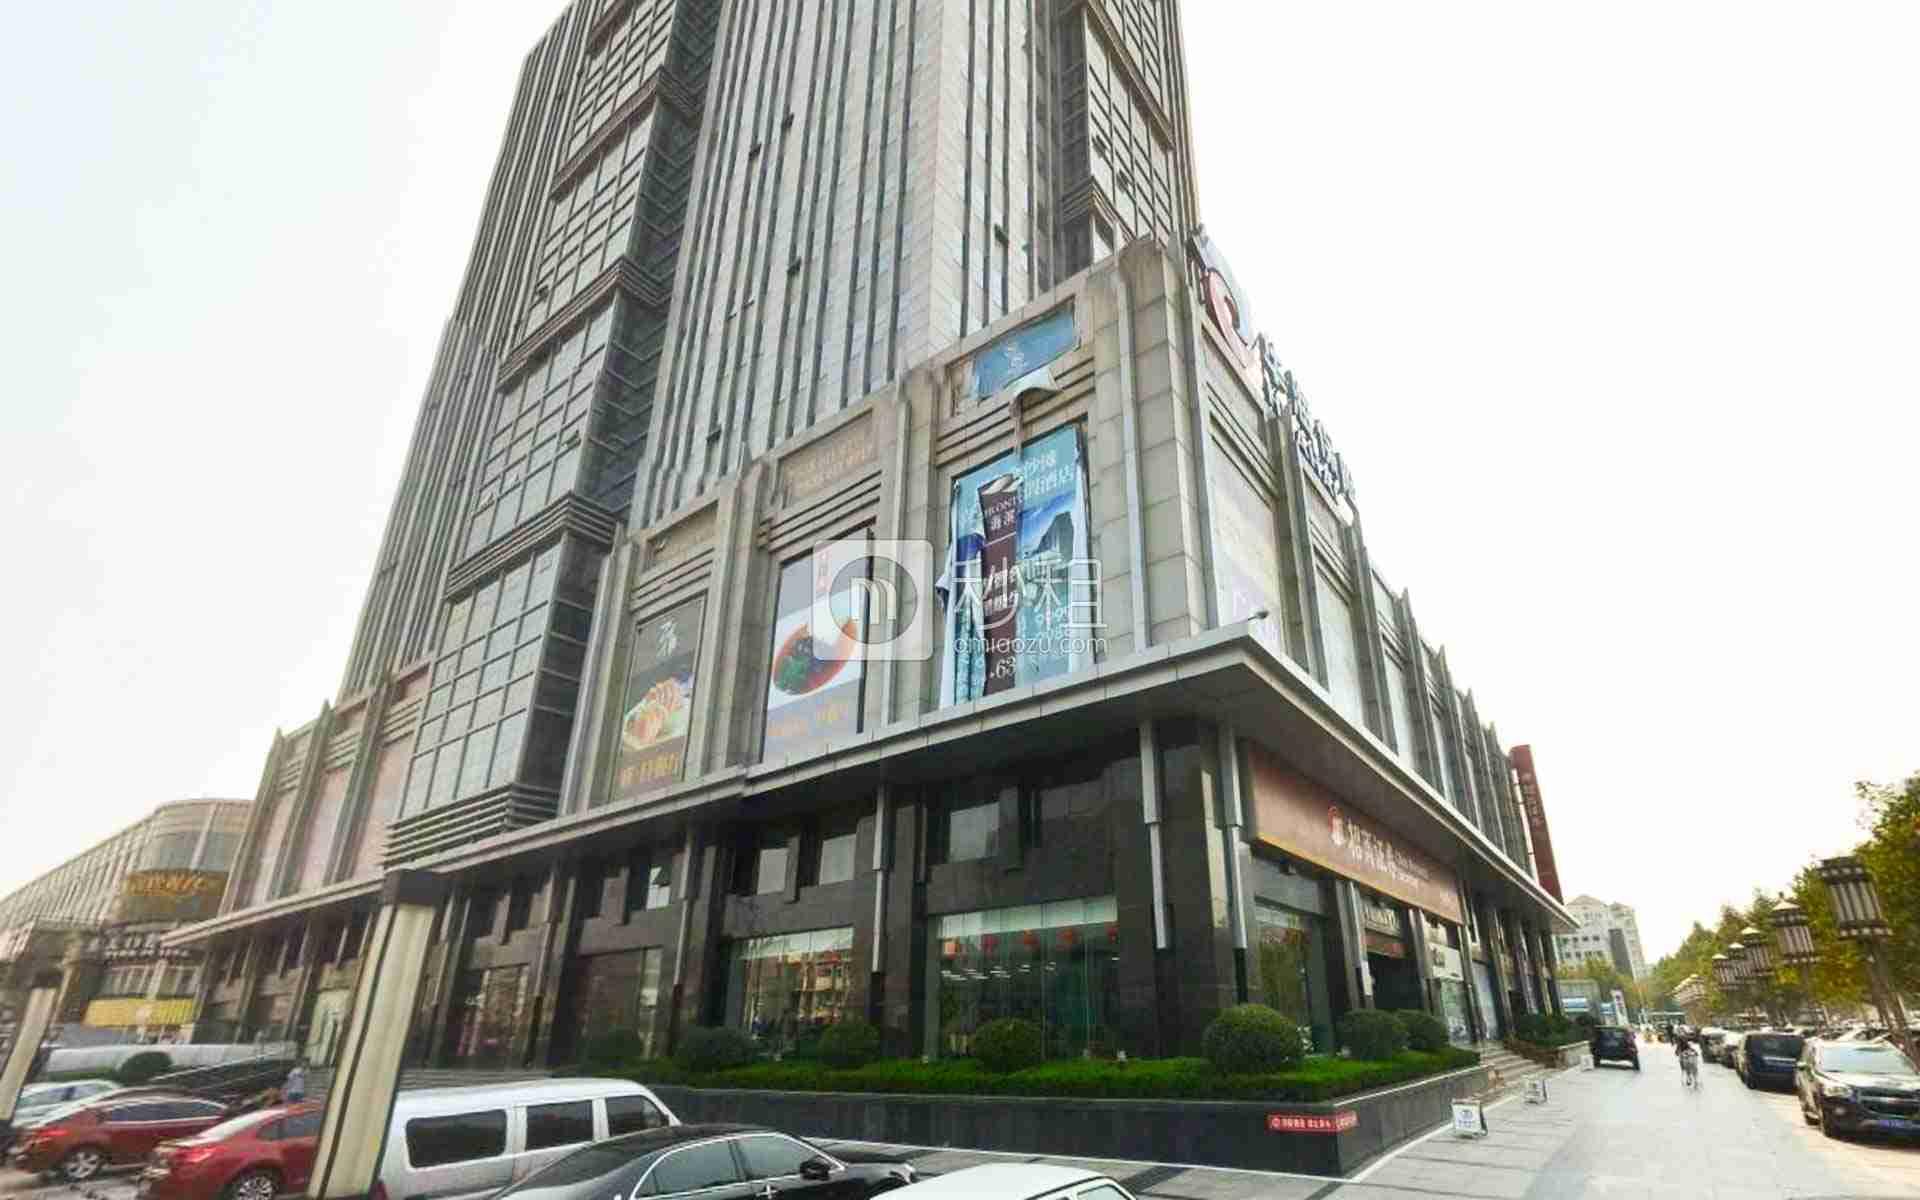 华新国际大厦写字楼出租/招租/租赁,华新国际大厦办公室出租/招租/租赁